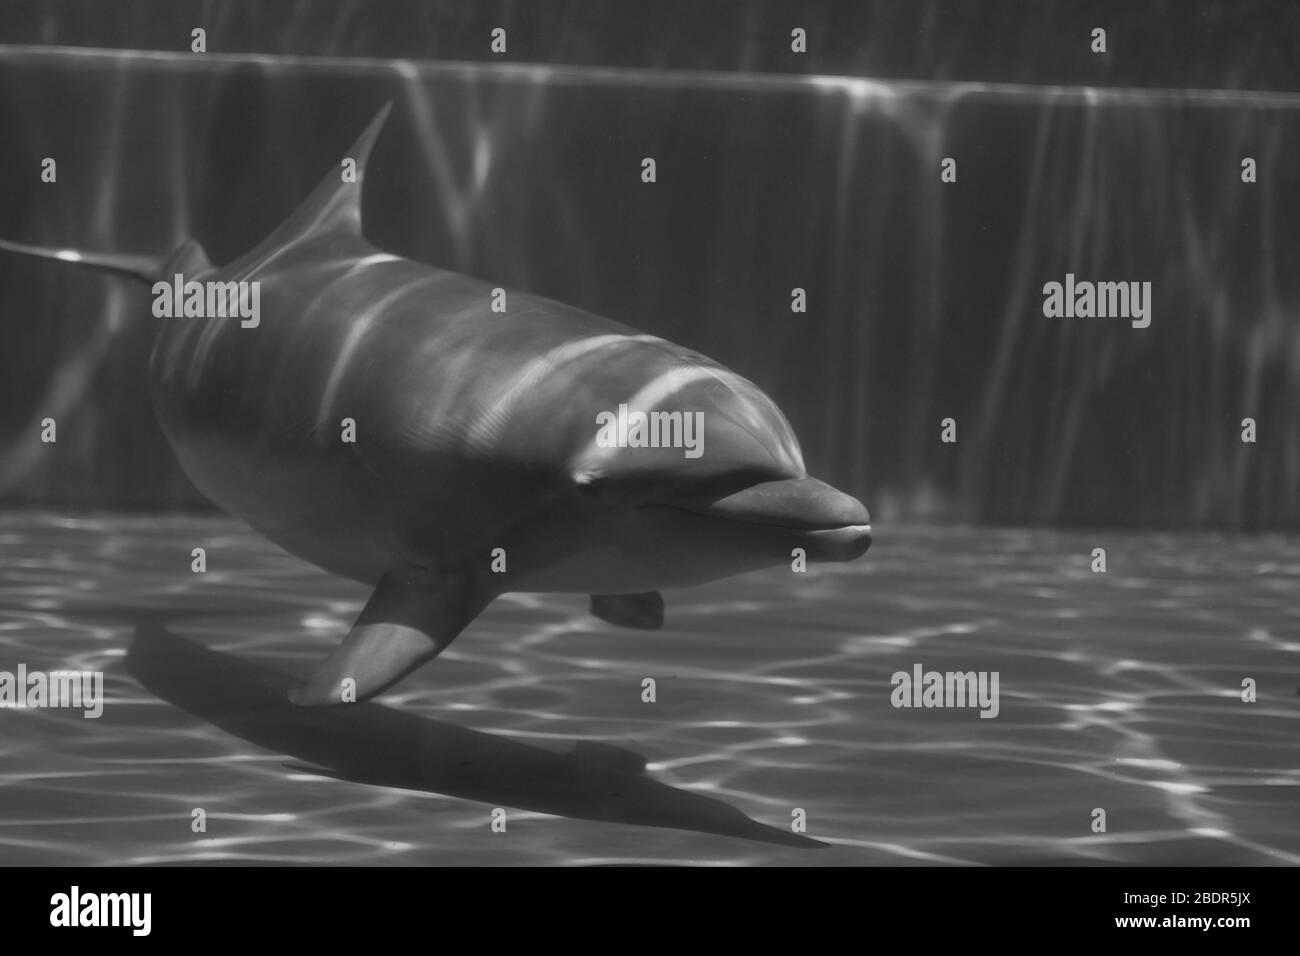 Dauphins sous l'eau à l'aquarium de Gênes Banque D'Images